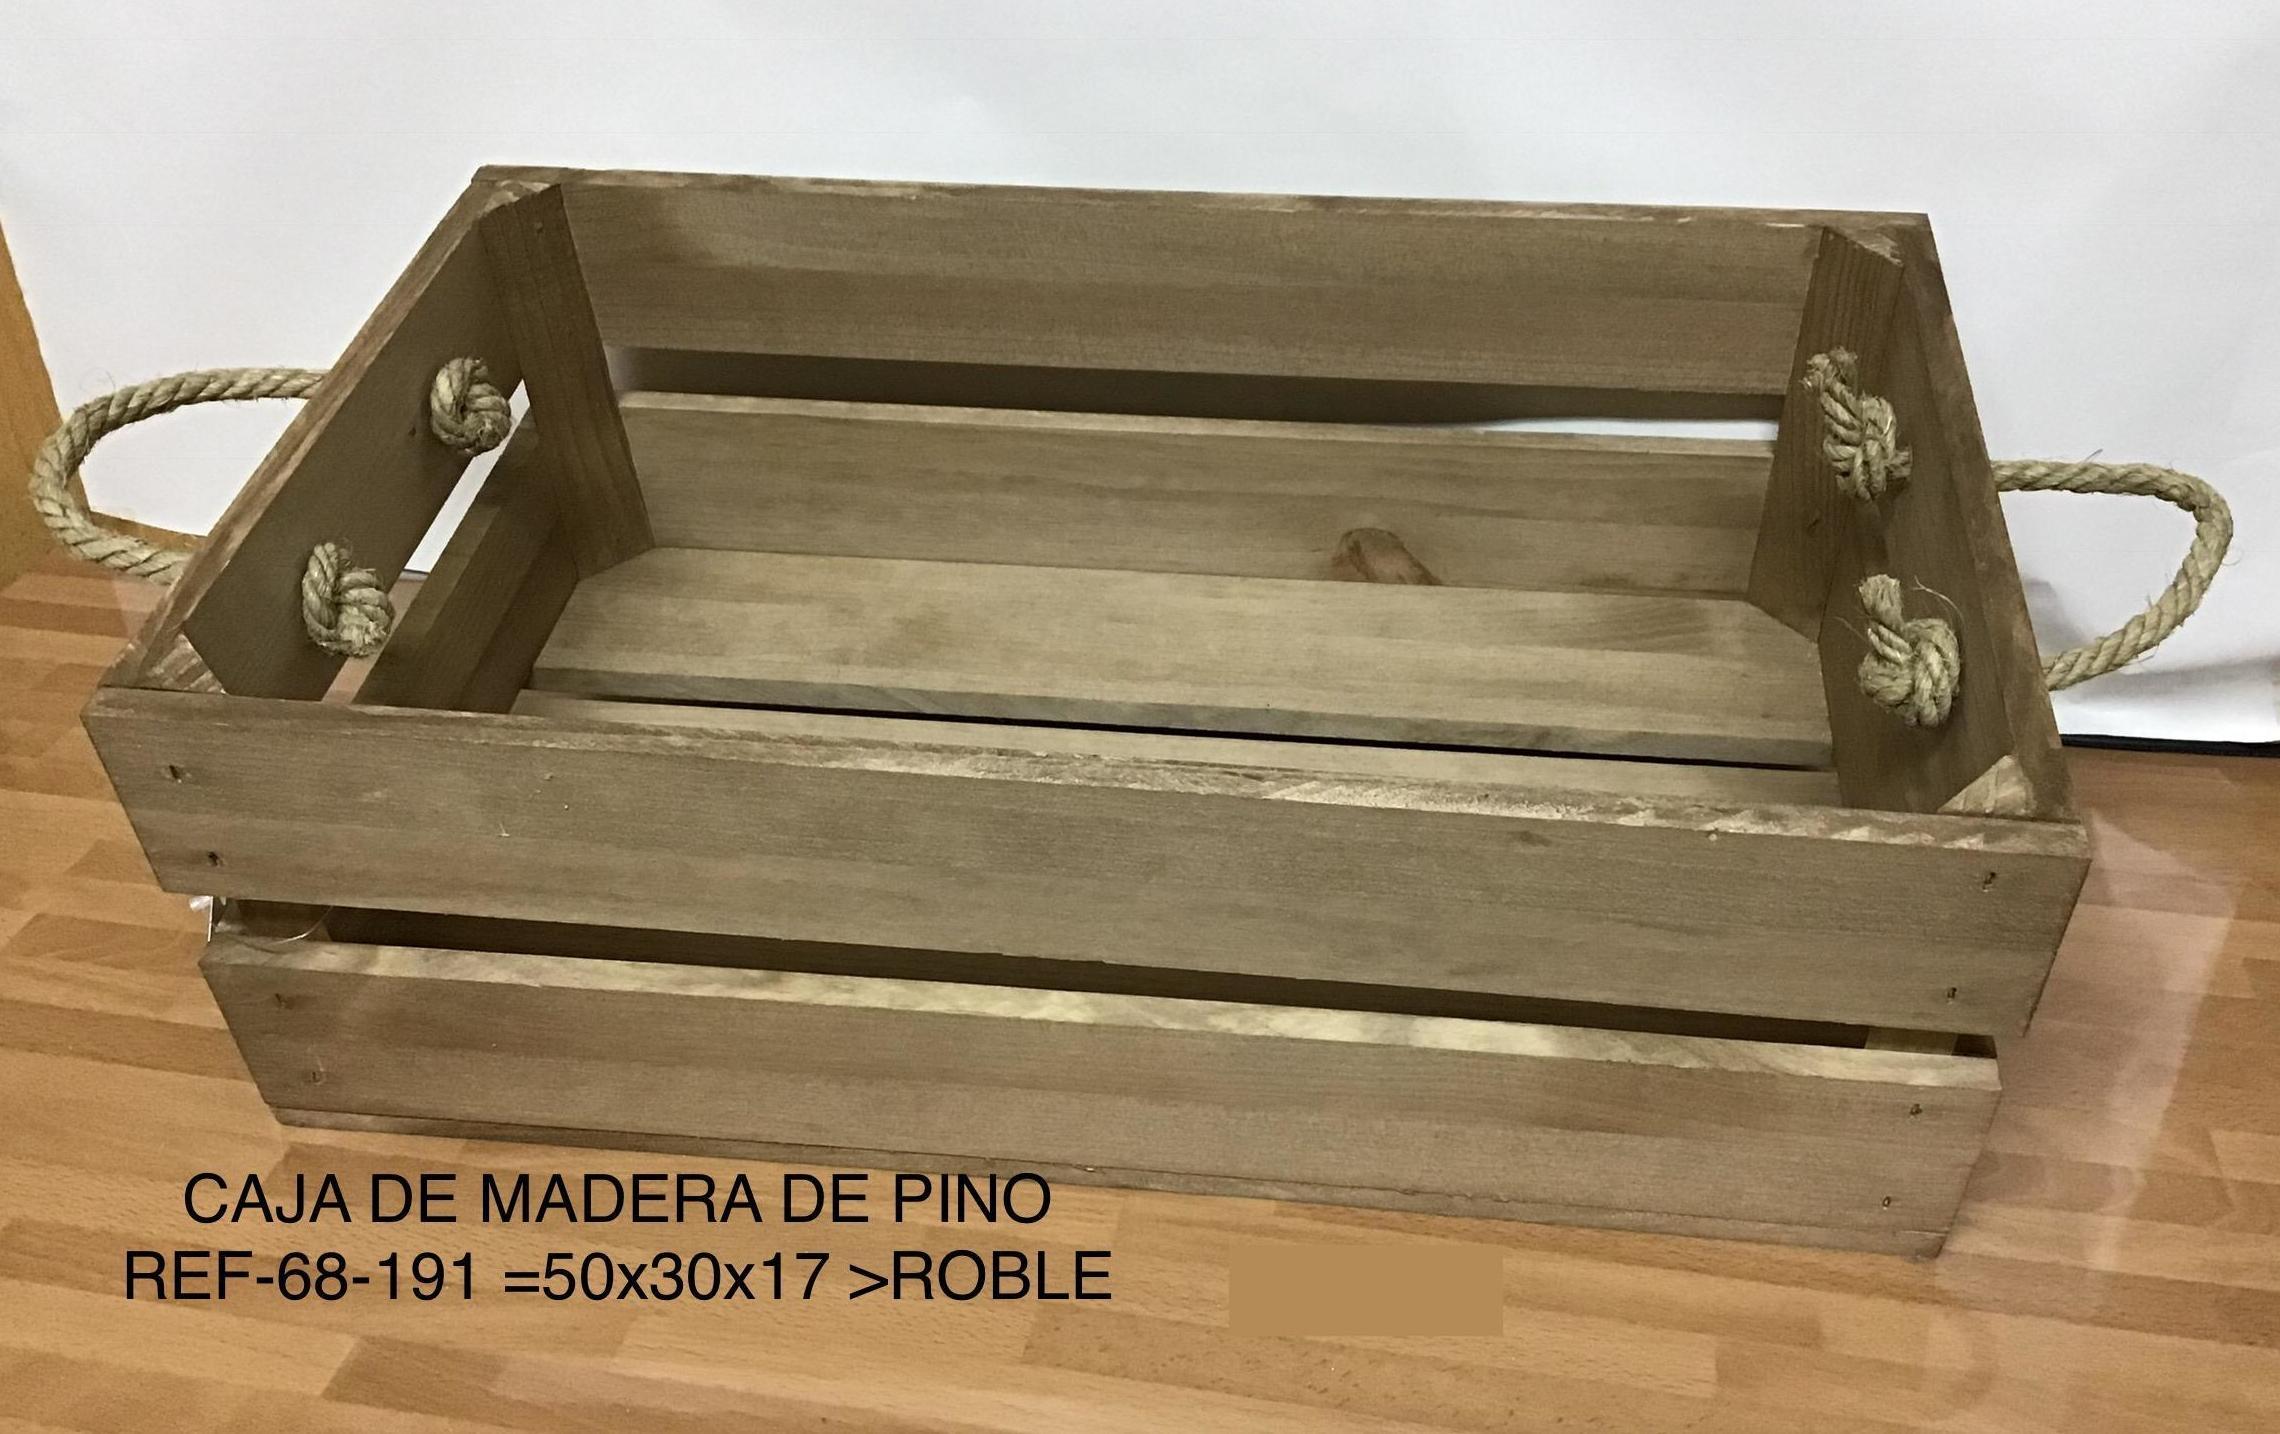 CAJAS DE MADERA EN MADRID